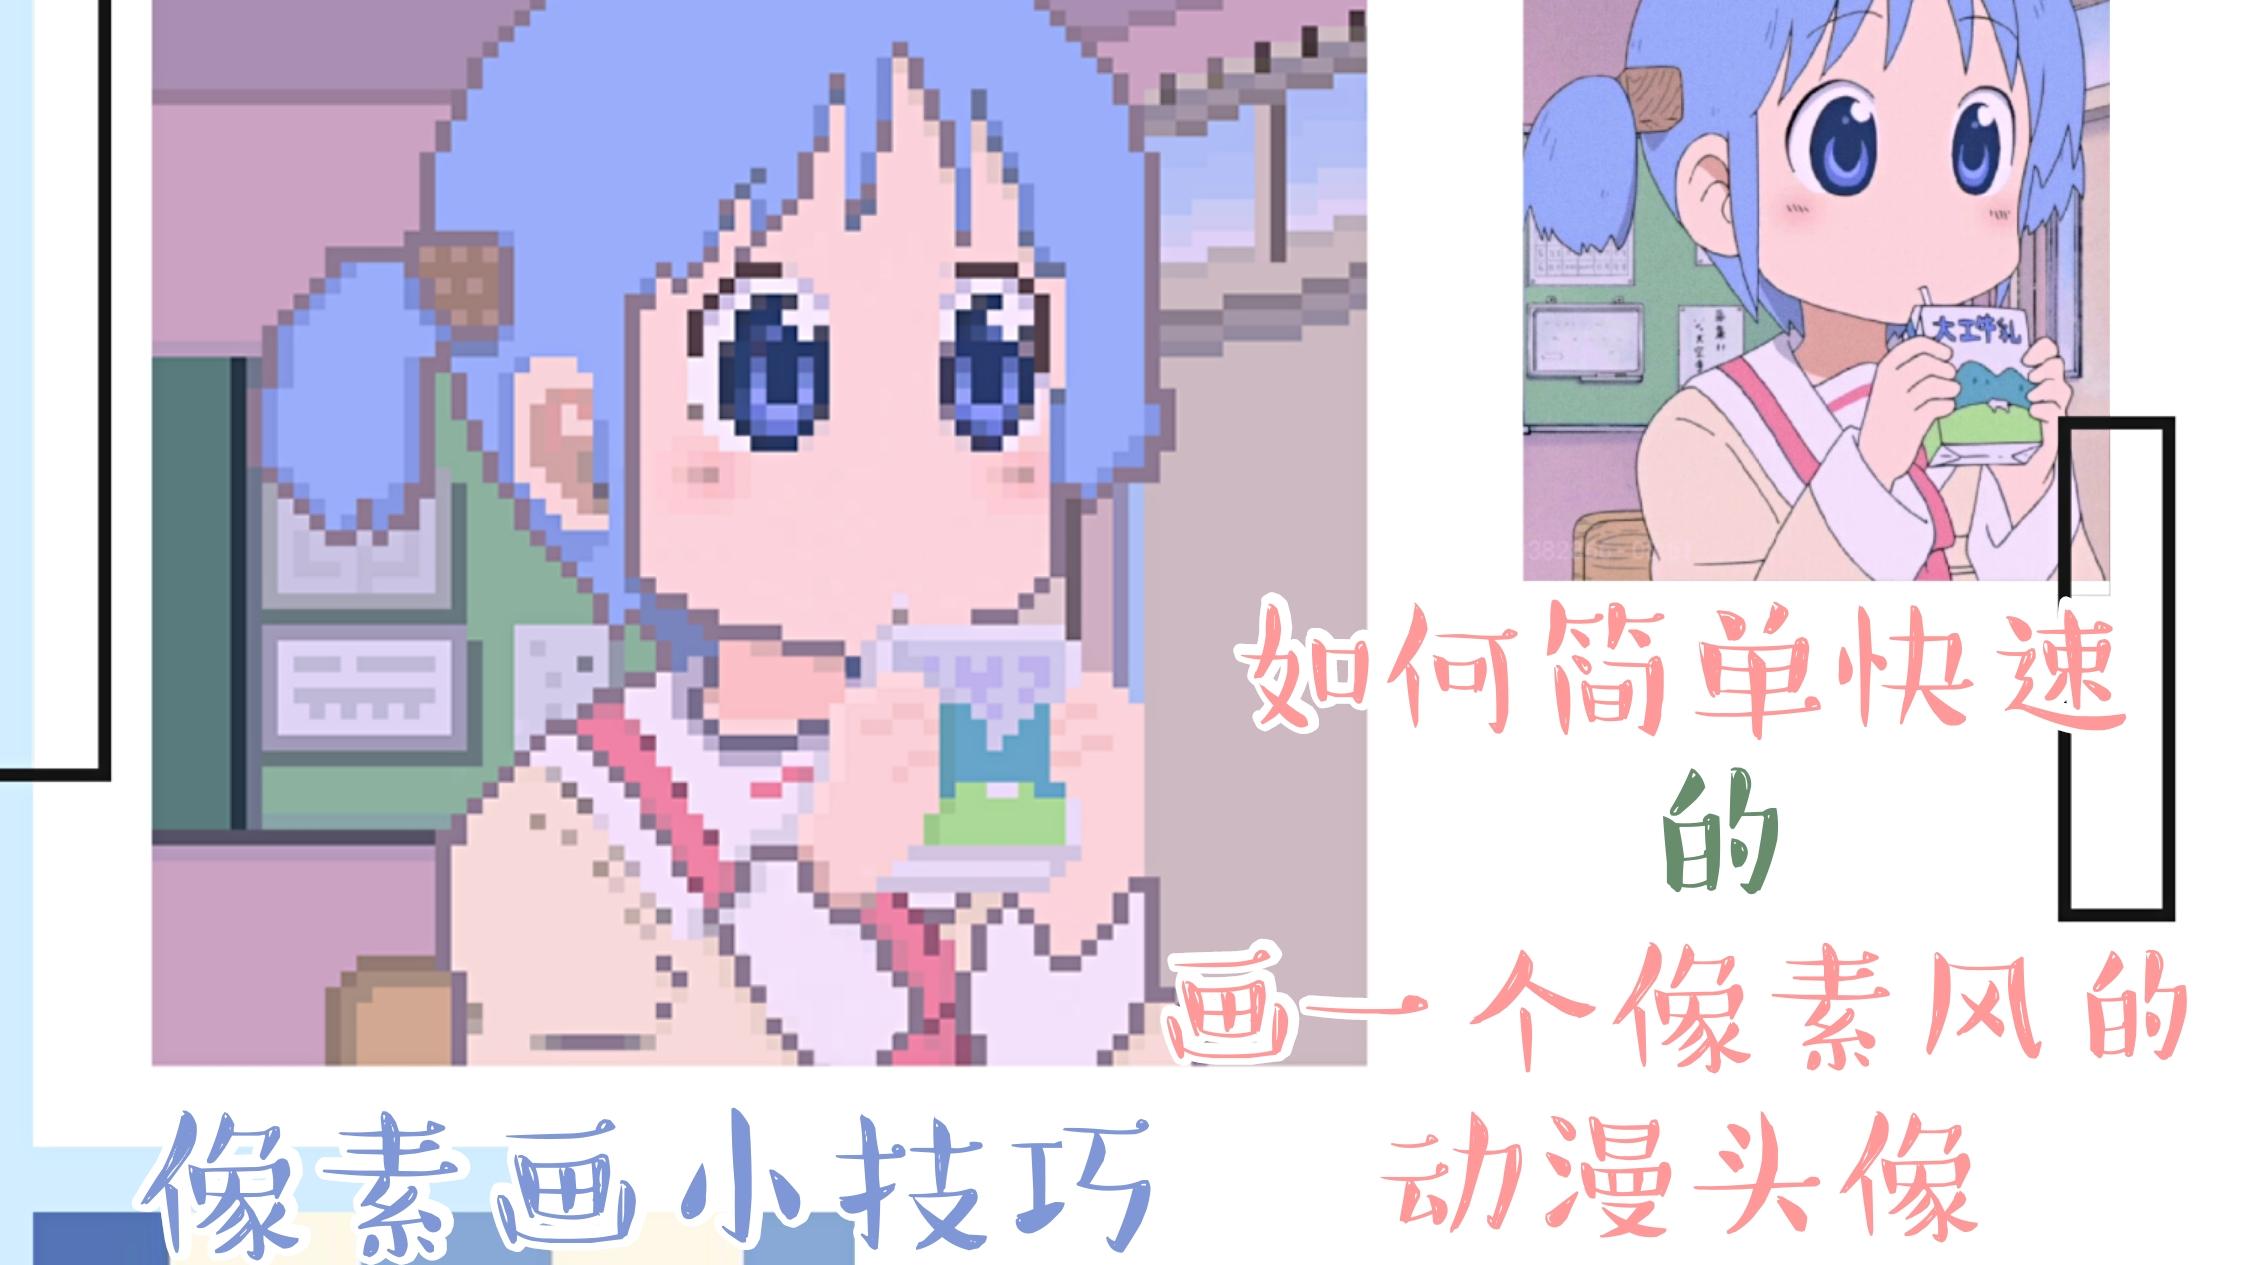 【像素画】一分钟就能学会的简单像素画(动漫人物篇)-《日常》-桔梗丸